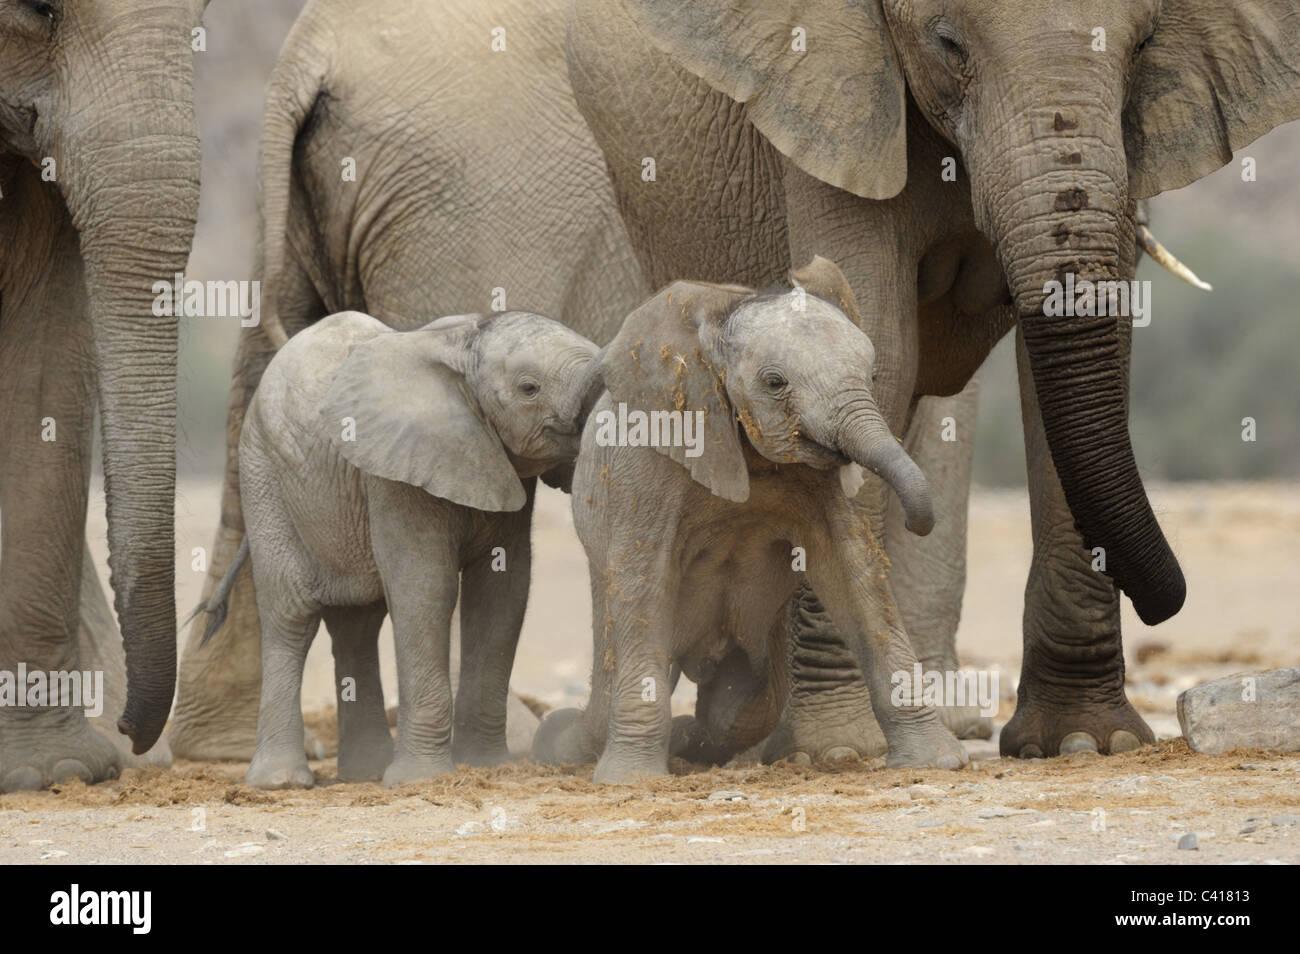 Les éléphants du désert, Loxodonta africana, Hoanib rivière à sec, la Namibie, l'Afrique, Photo Stock